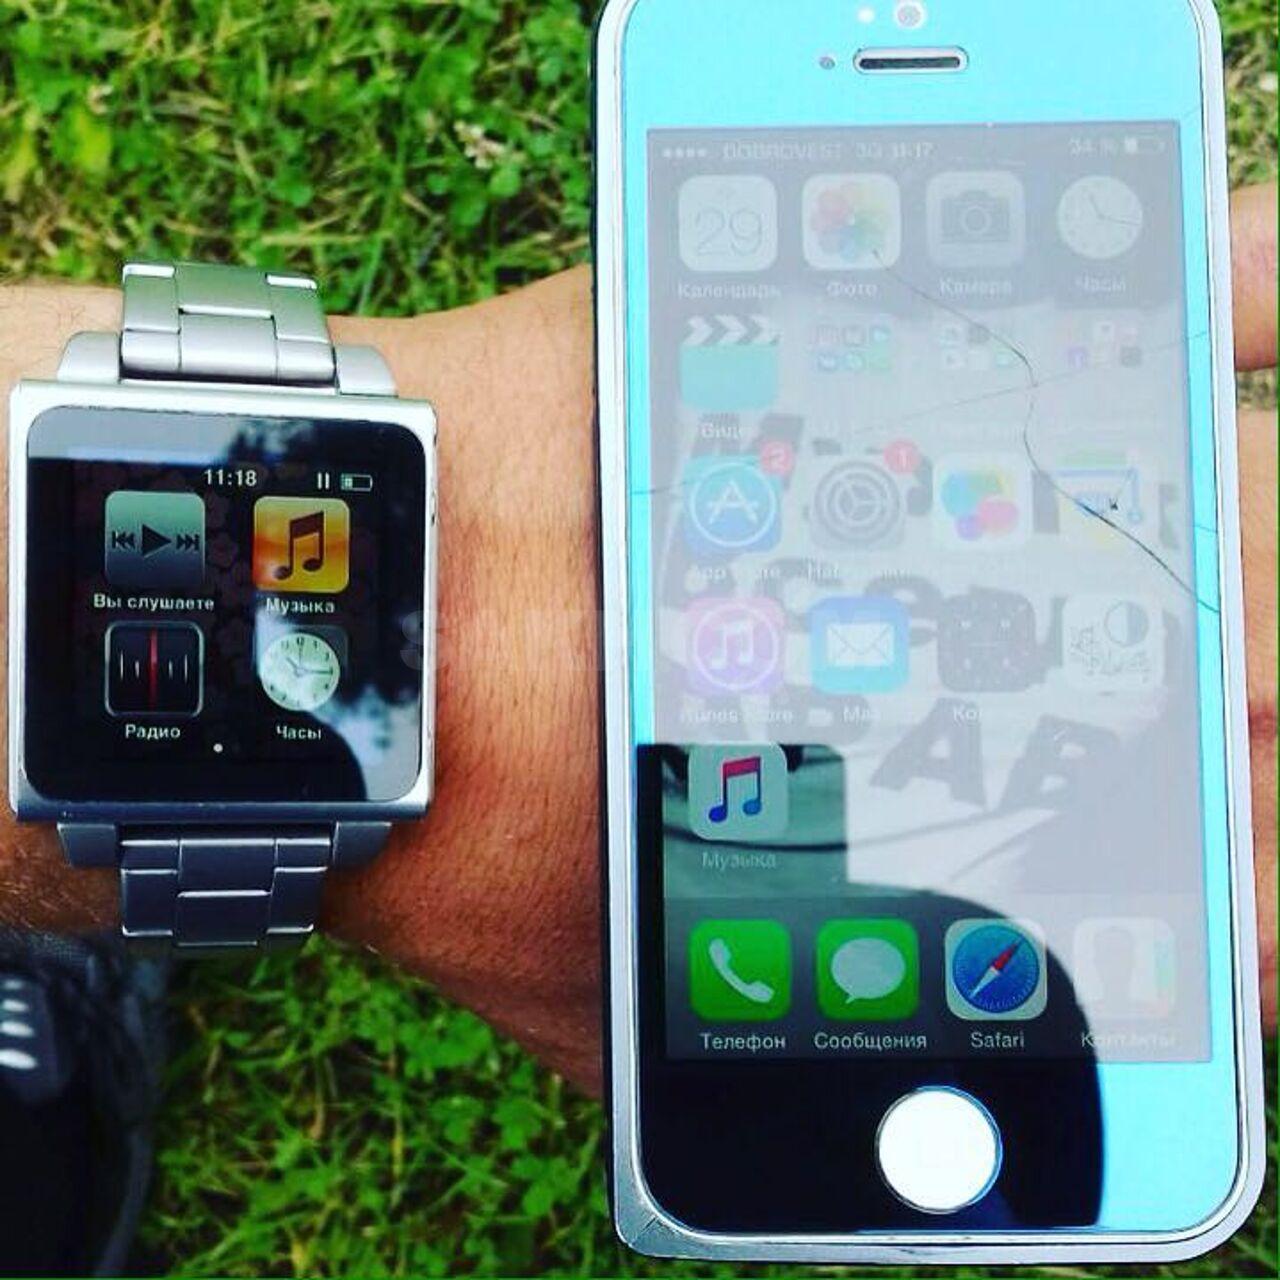 Айфон продам часы часа квт стоимость электроэнергии воронеж 1